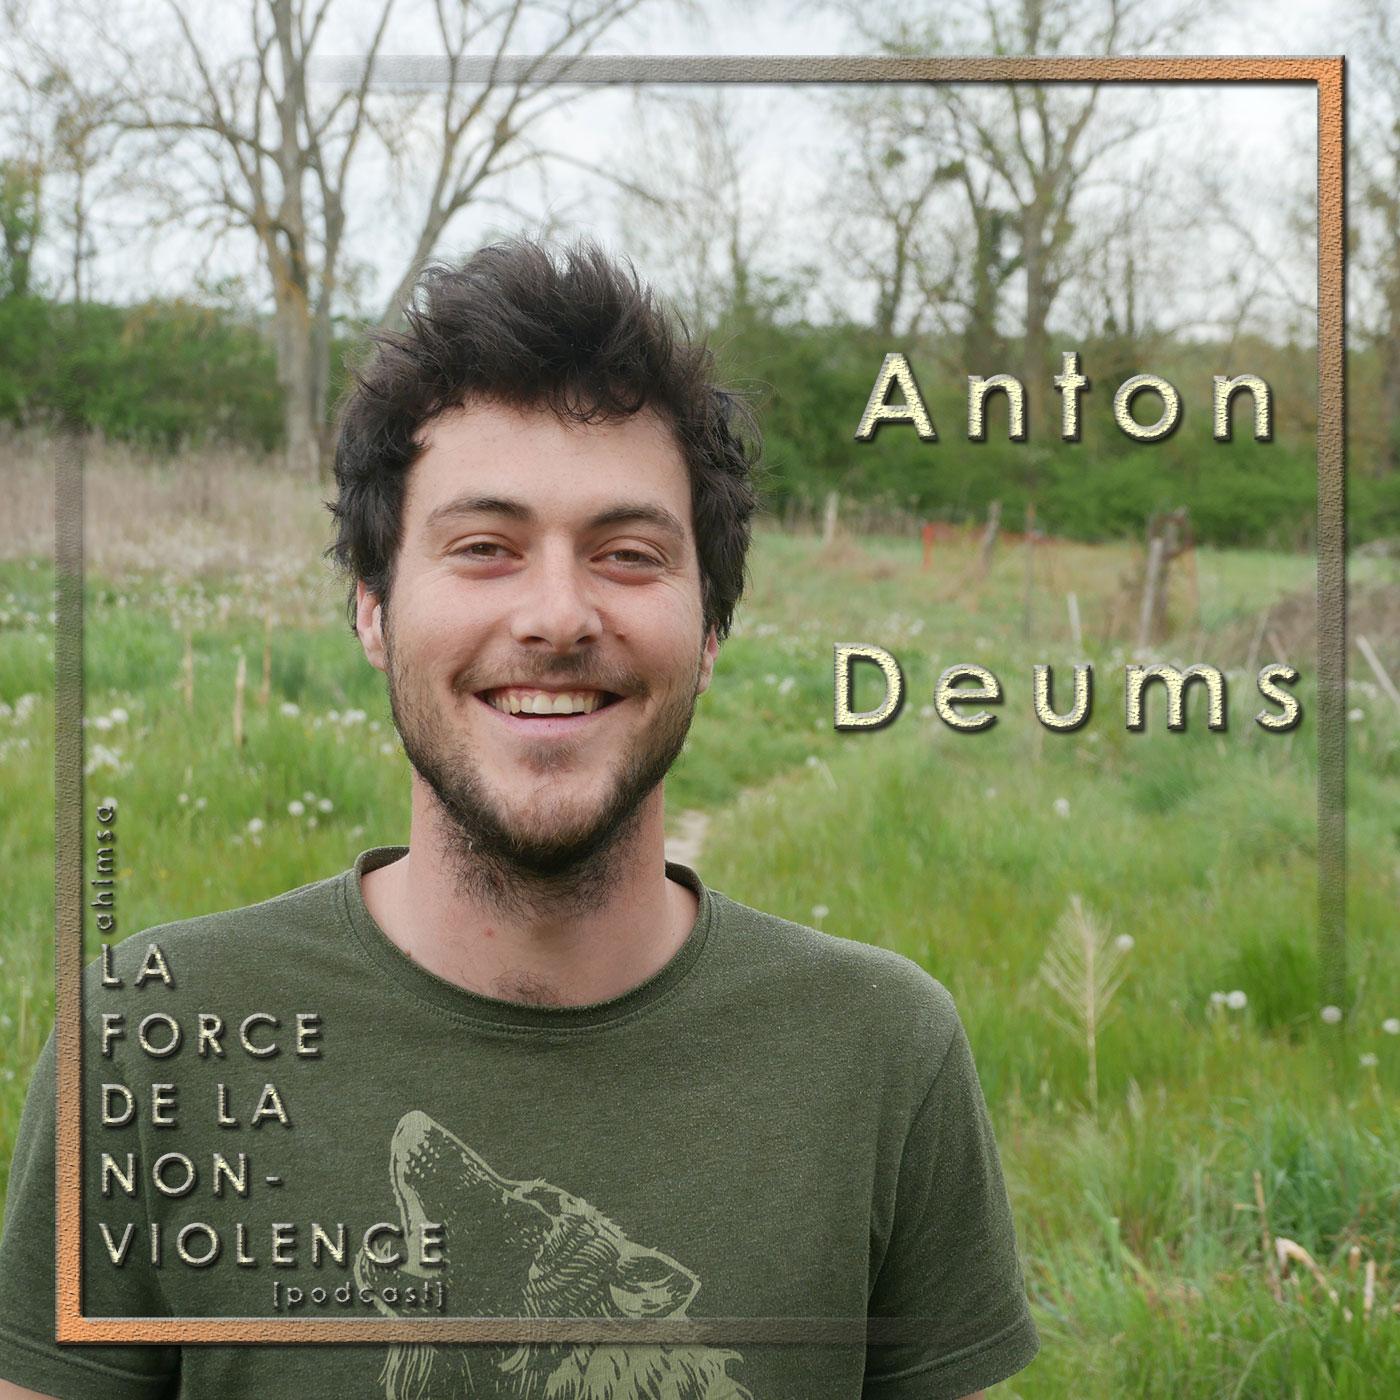 Anton Deums - podcast - La Force de la Non-violence